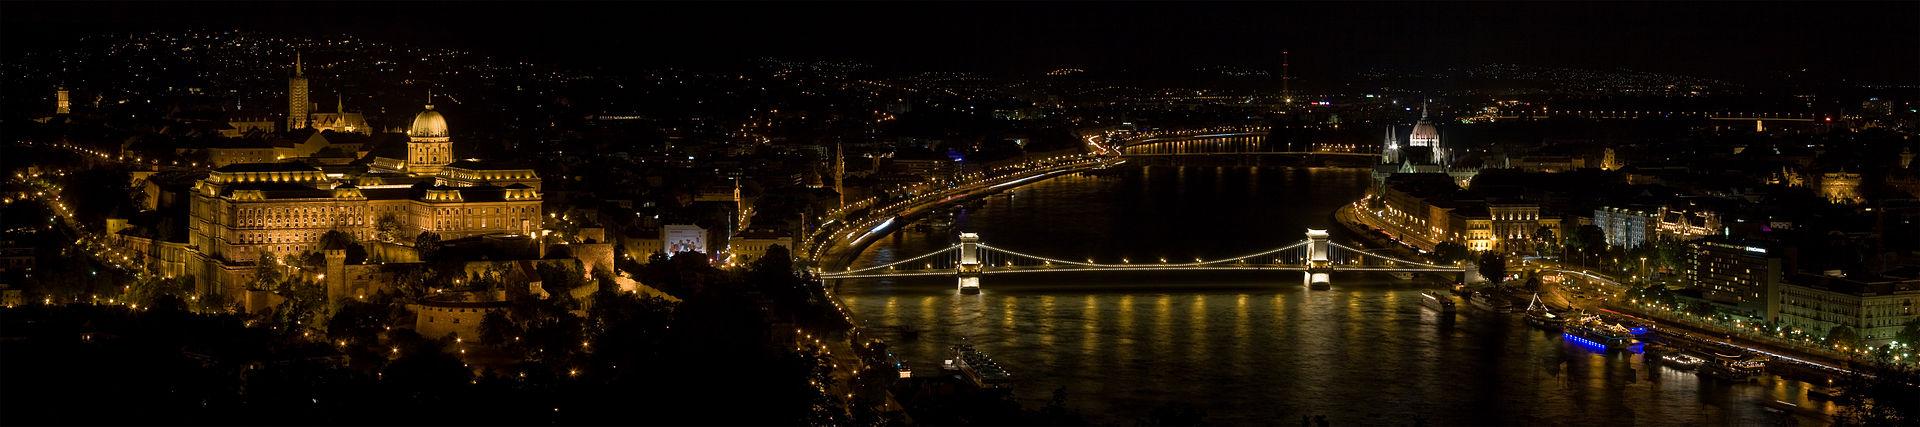 從左至右:Mária Magdolna Tower, 馬加什教堂, 布達城堡, 鏈子橋, 瑪格麗特島, Danube Promenade, 匈牙利國會大廈, 匈牙利科學院